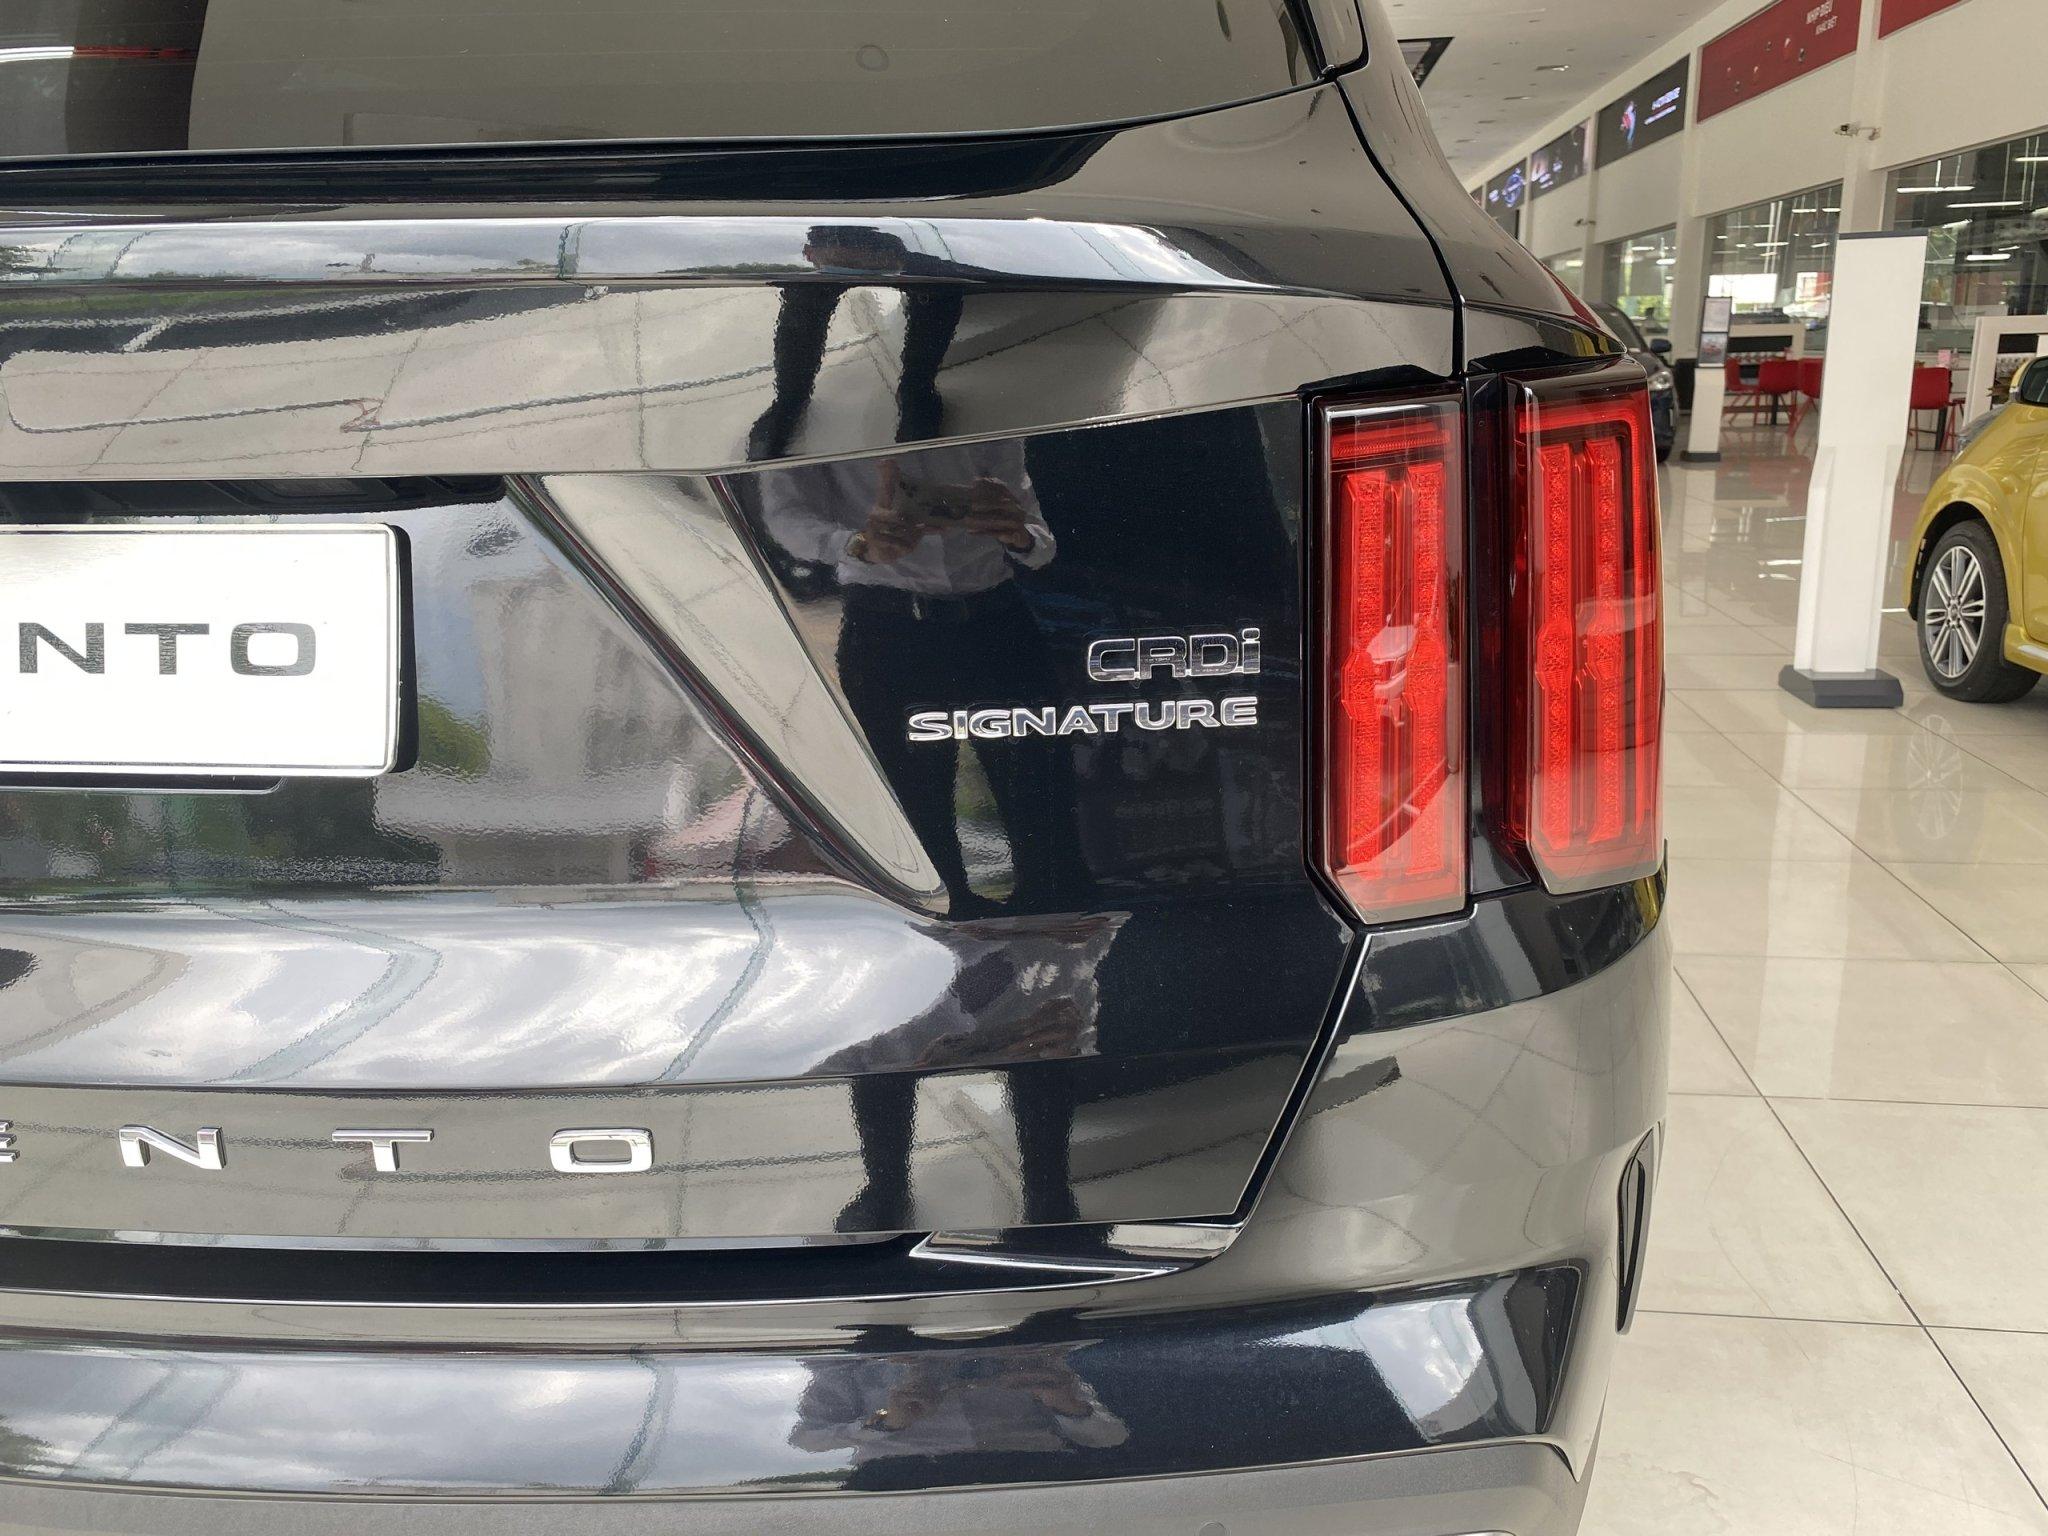 Các ký hiệu sau đuôi xe để phân biệt máy dầu thường là CRDI, D tùy theo ký hiệu của từng hãng xe